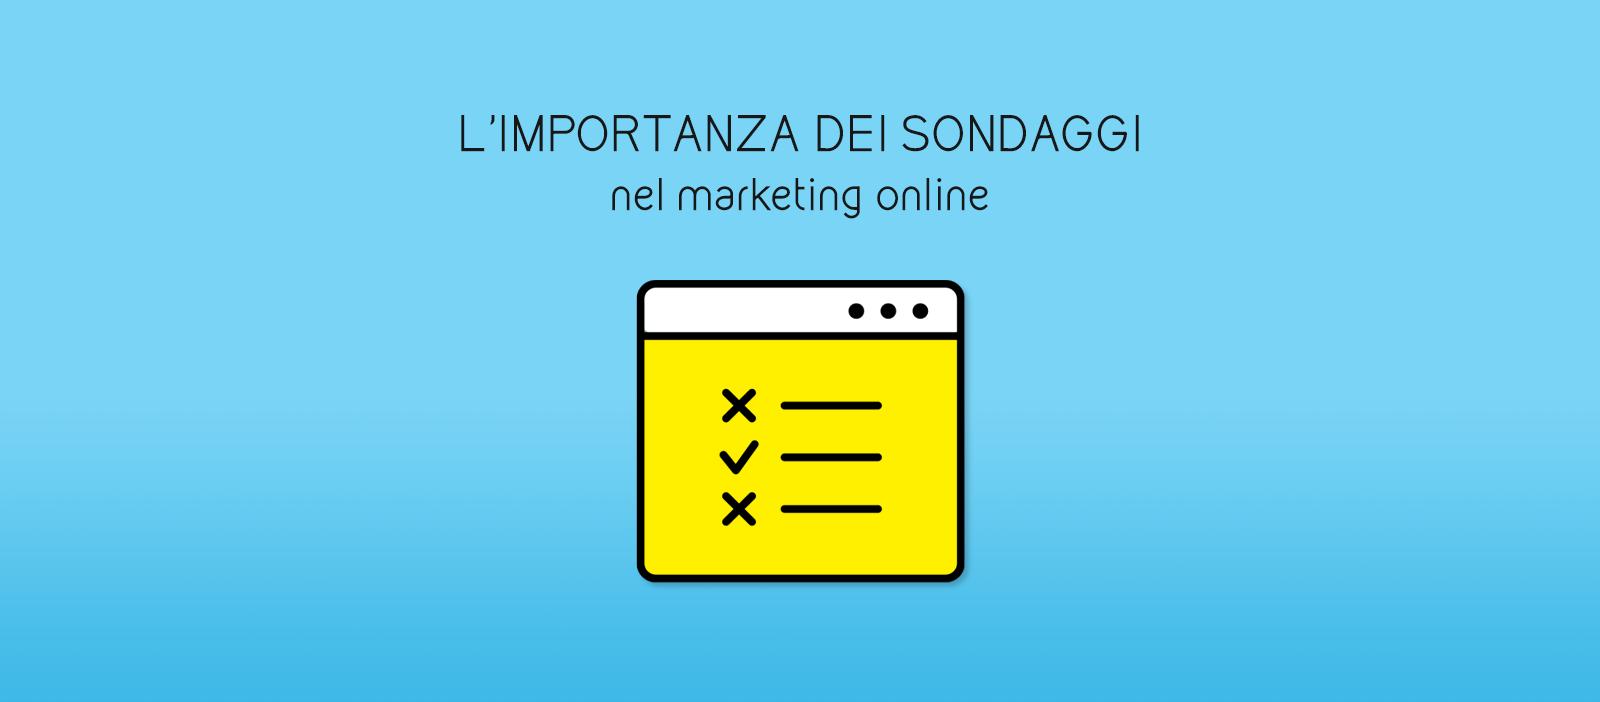 L'importanza dei sondaggi nel marketing online